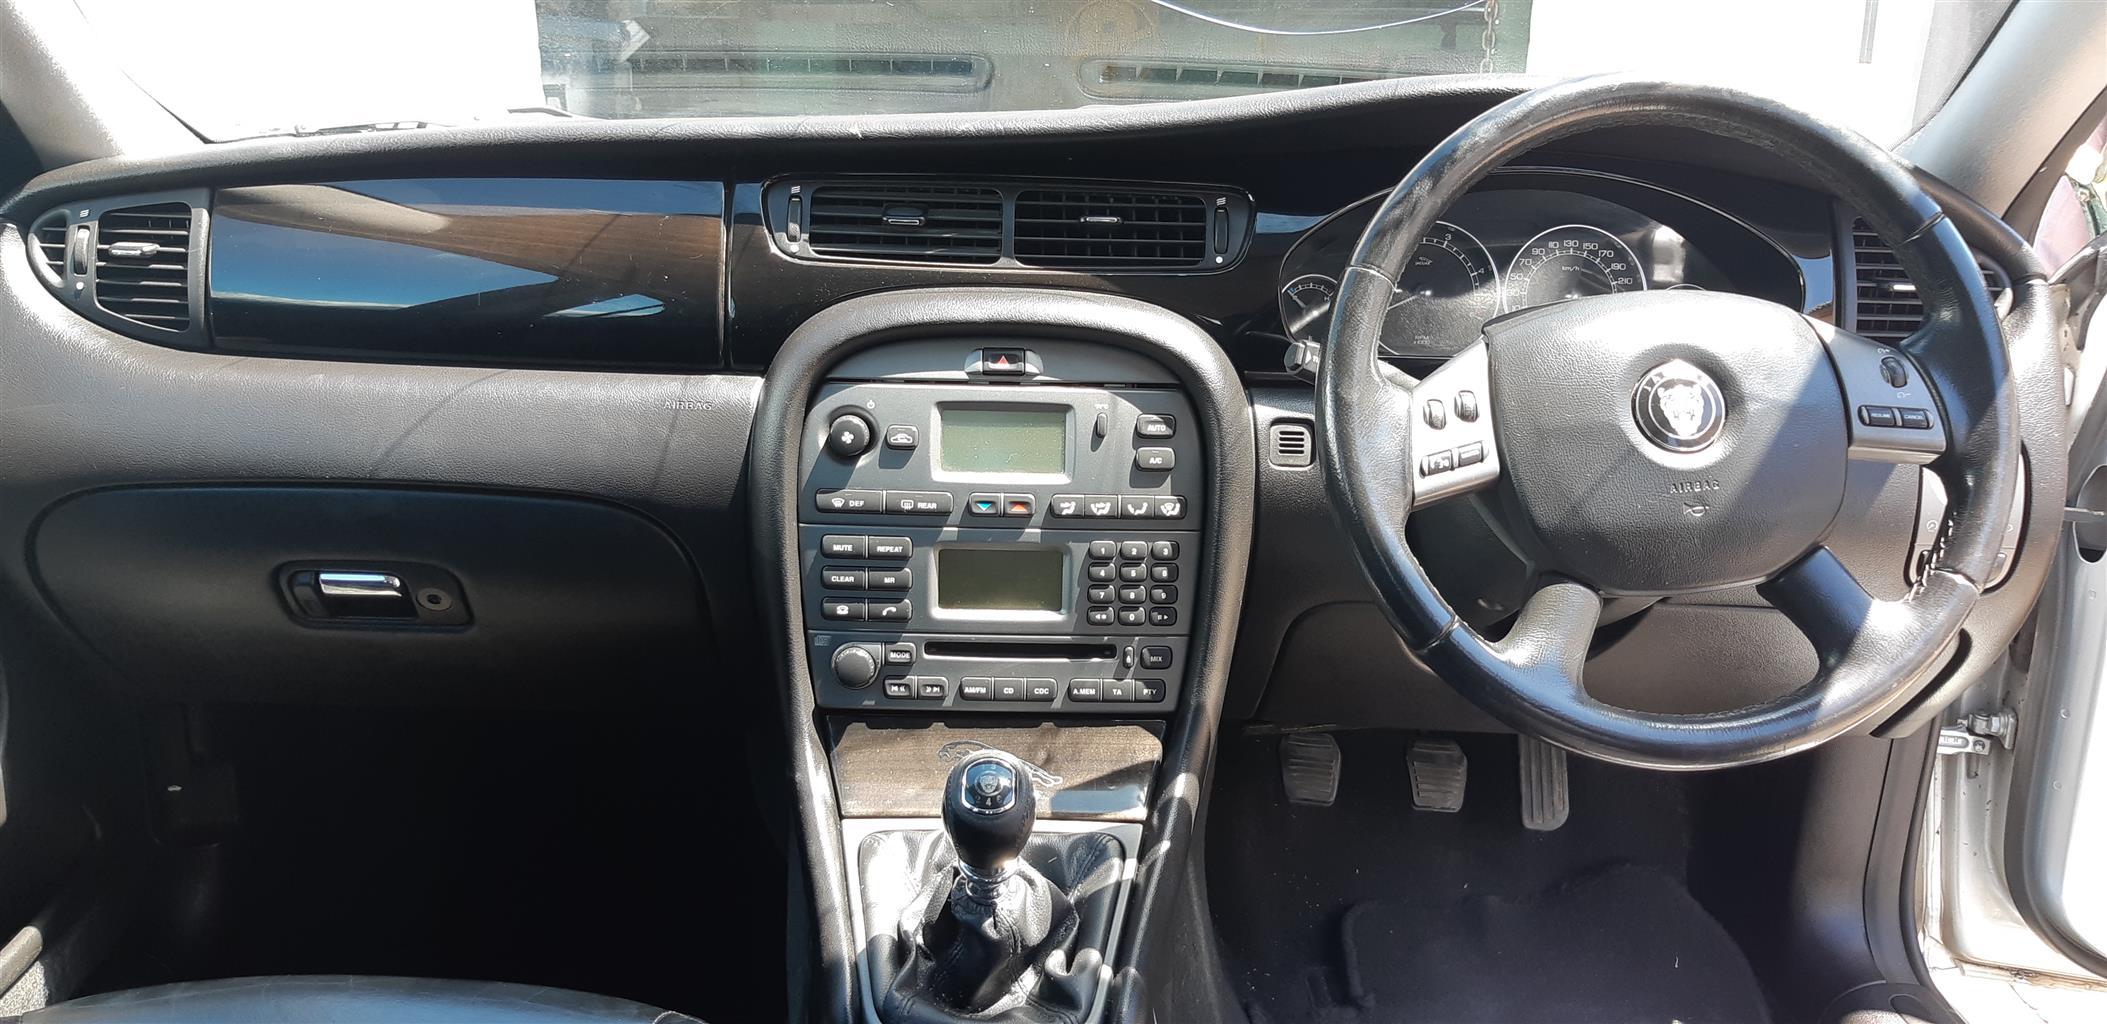 2010 Jaguar X-Type 2.2D SE